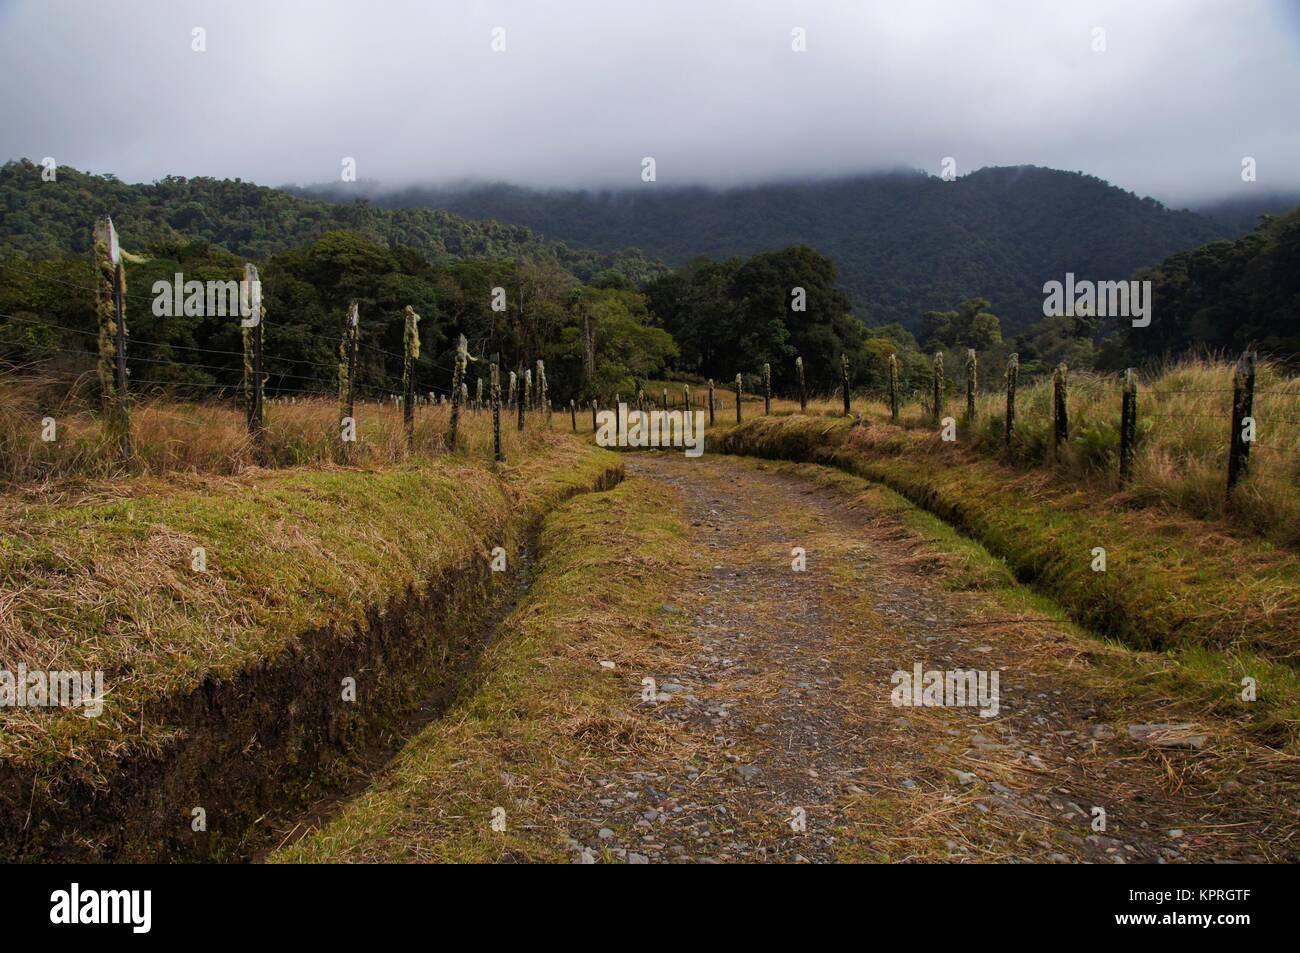 Vecchia strada sterrata nelle zone rurali a Panama su una mattinata nebbiosa Immagini Stock